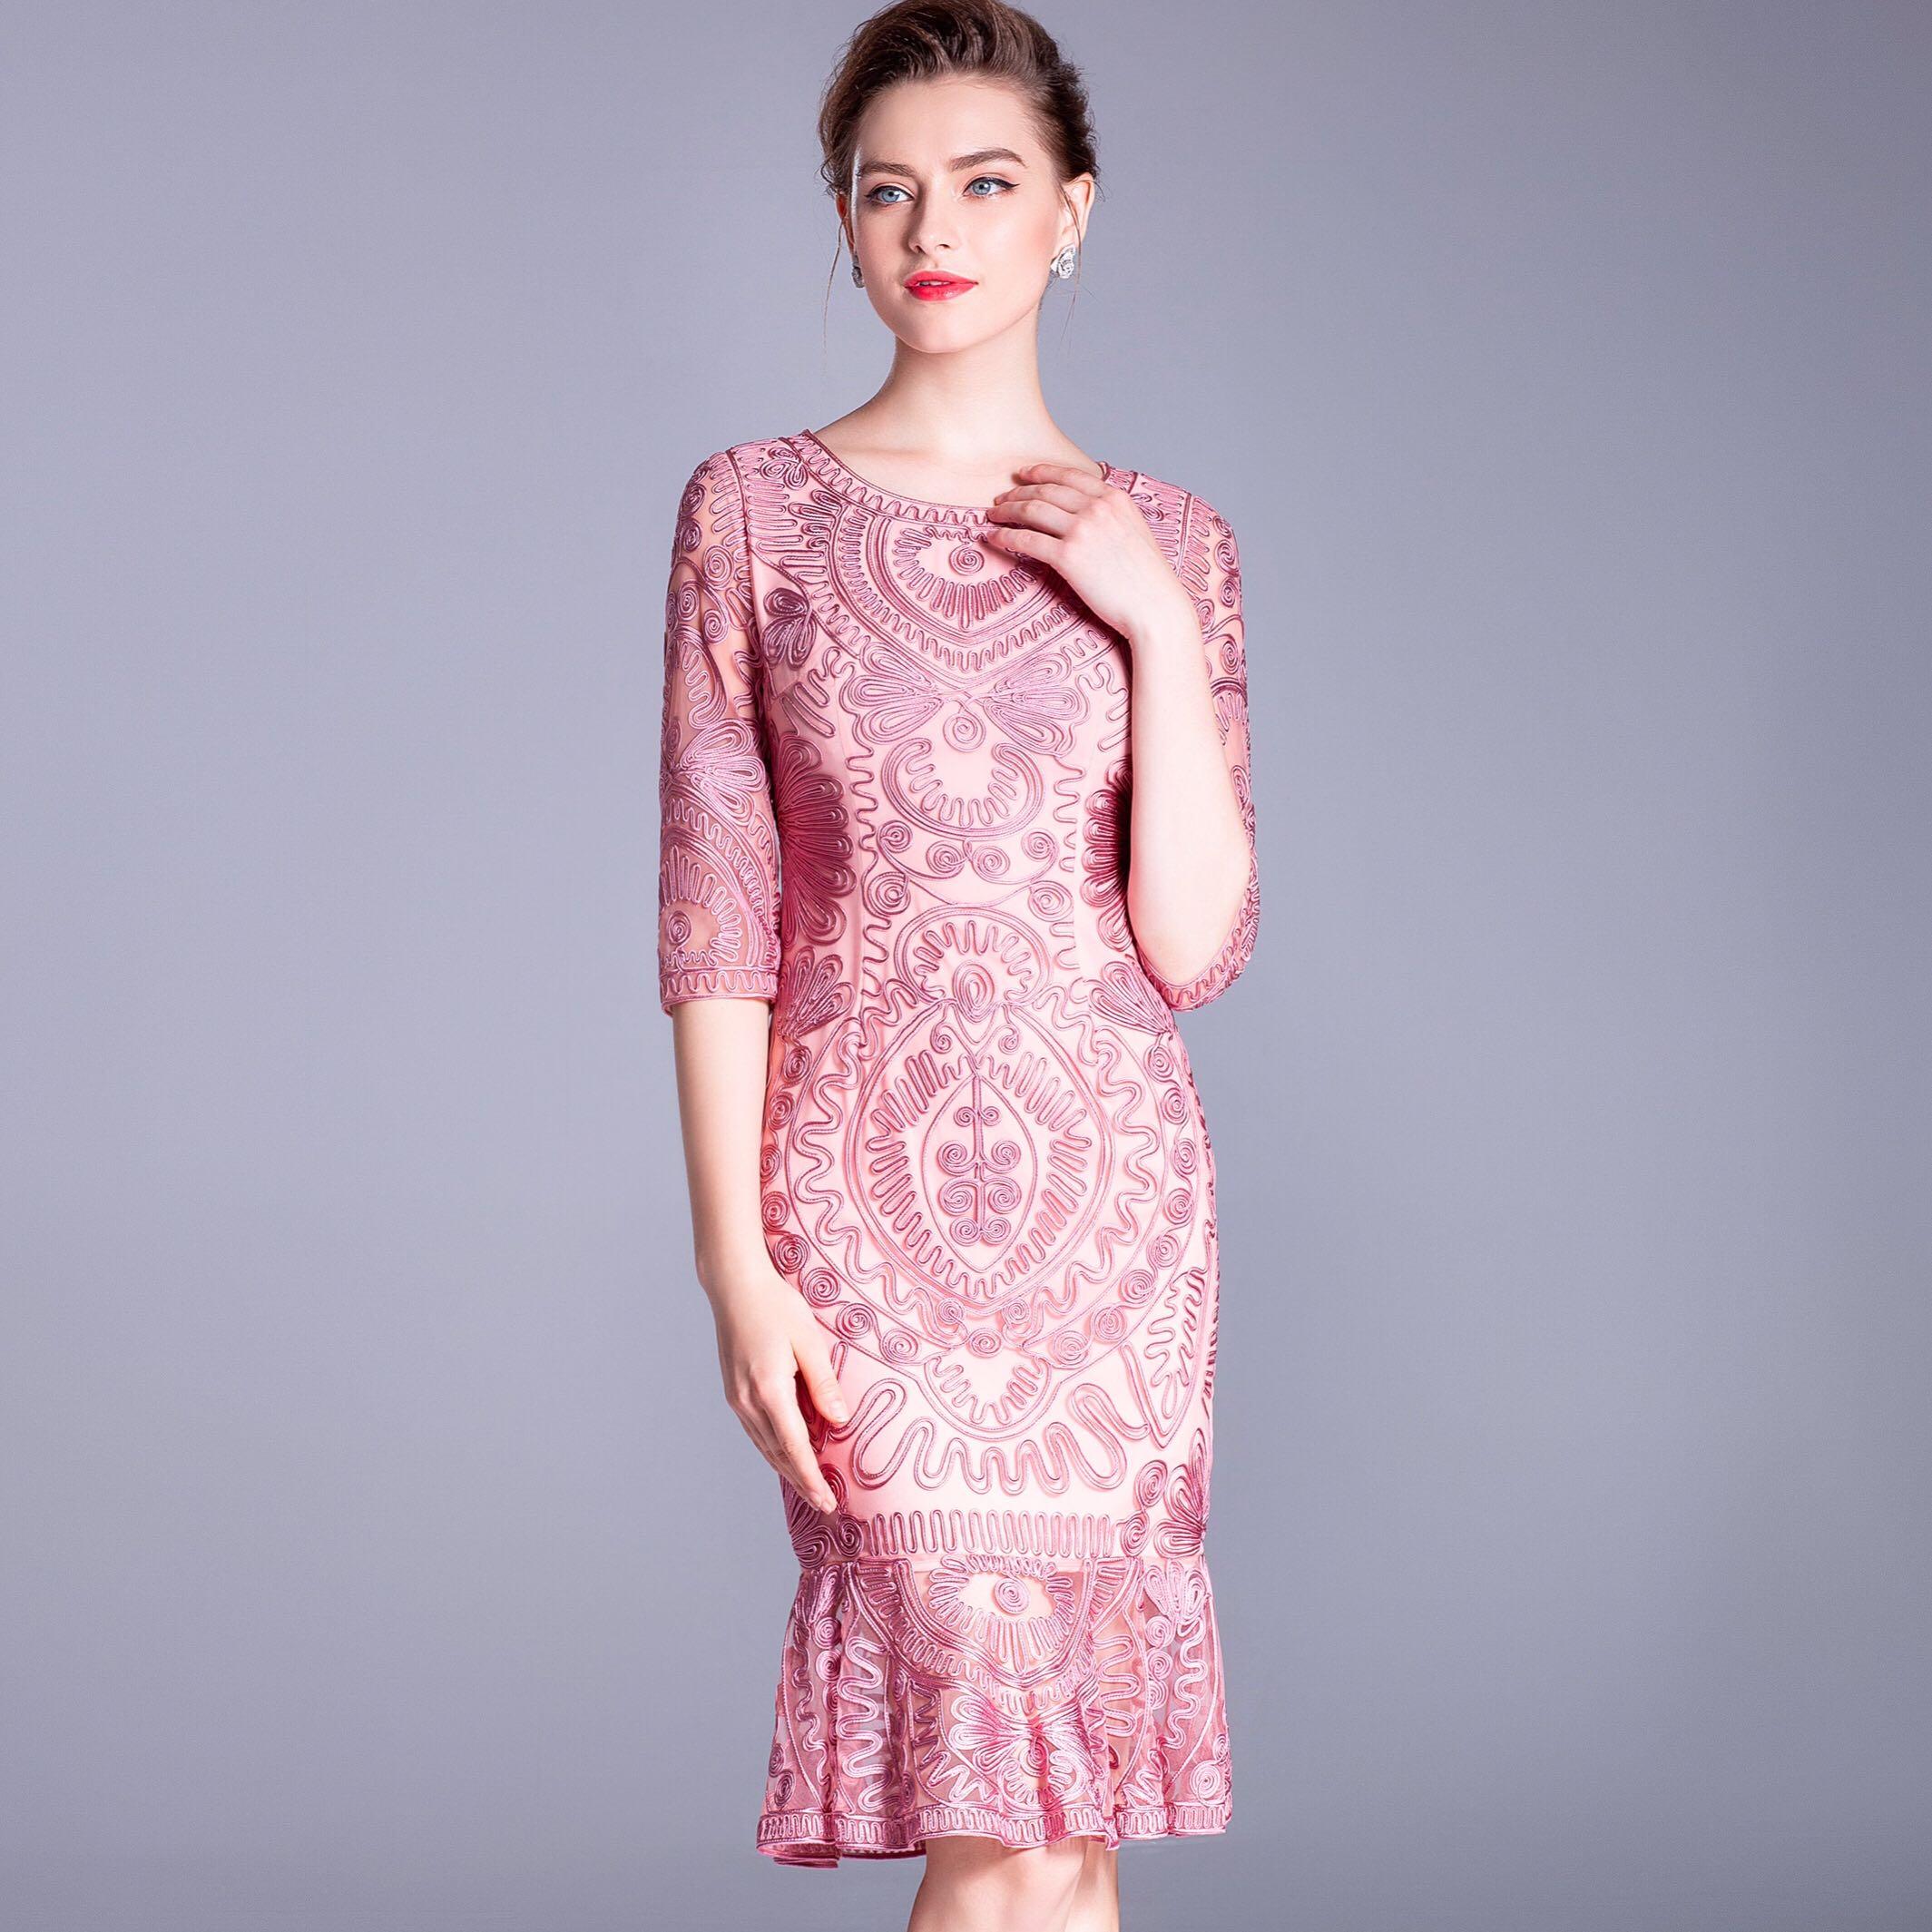 八分袖连衣裙 新款2019欧美品牌大码女装网纱刺绣八分袖包臀鱼尾连衣裙_推荐淘宝好看的八分袖连衣裙